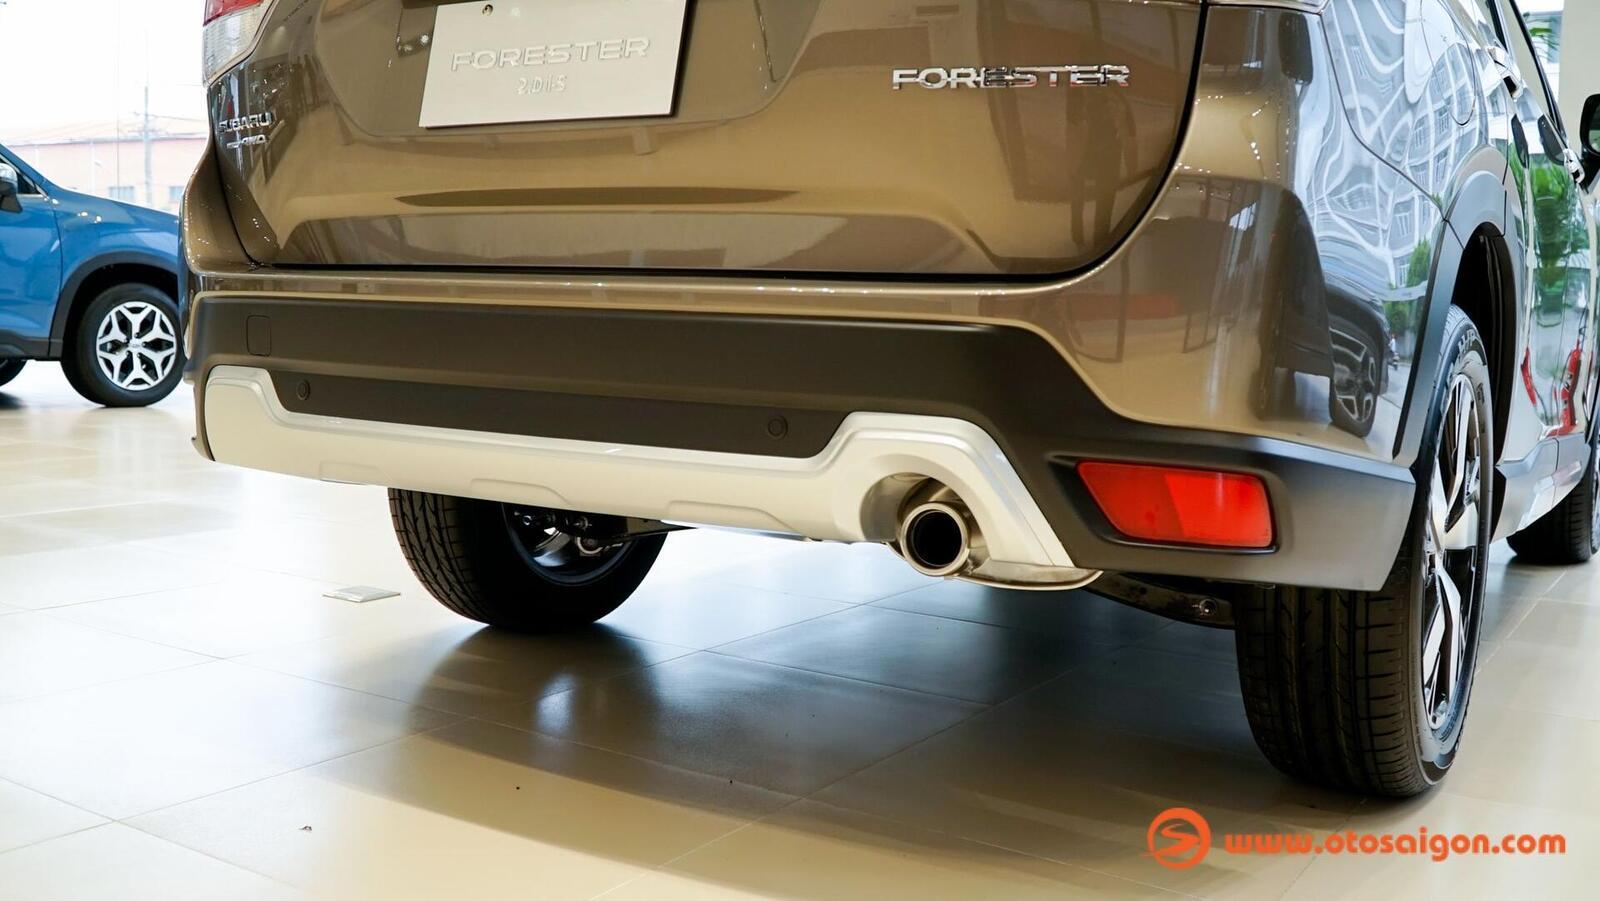 Đánh giá nhanh Subaru Forester thế hệ mới và sự khác biệt giữa hai phiên bản - Hình 18